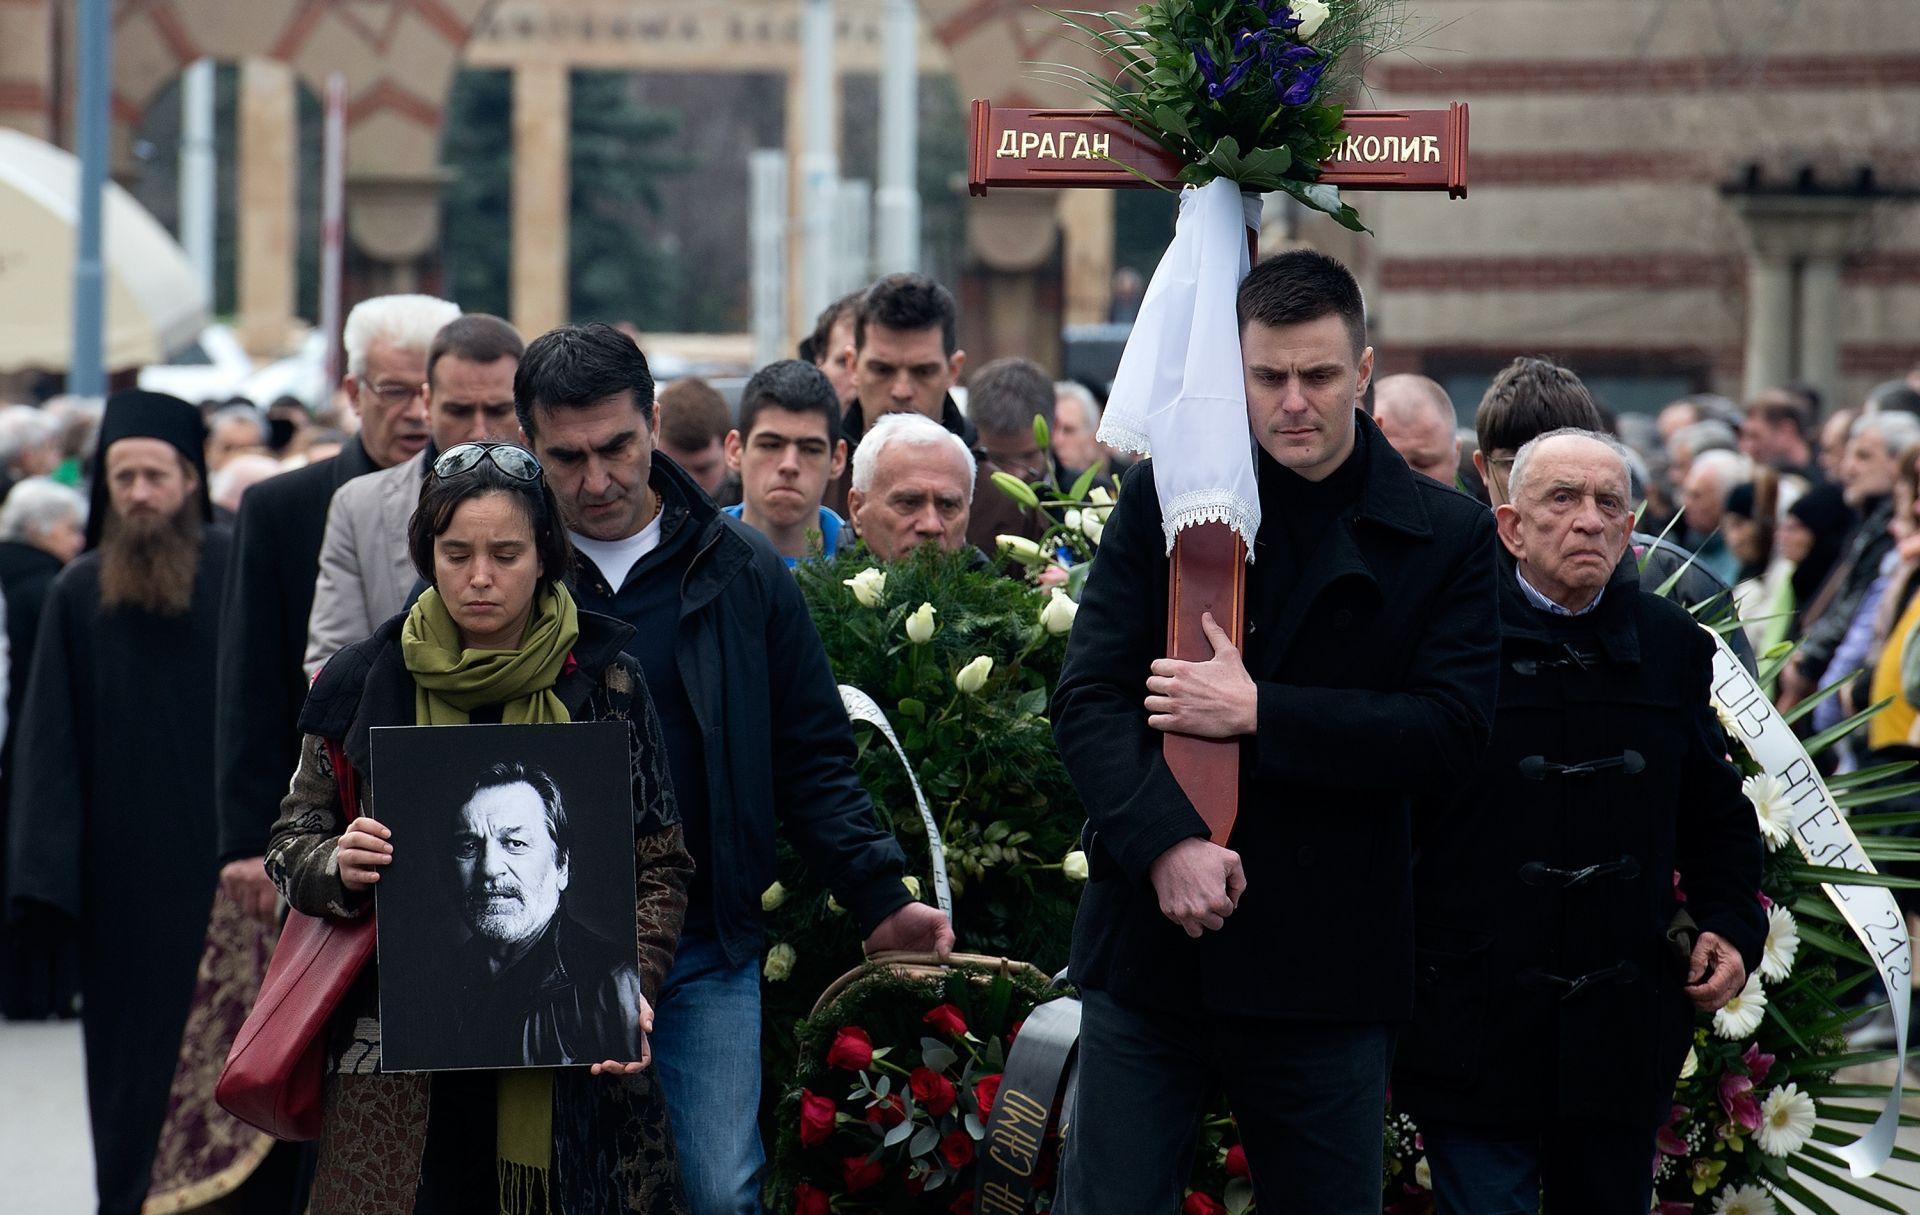 POKOP U BEOGRADU Srbija i regija odale posljednju počast glumcu Draganu Nikoliću